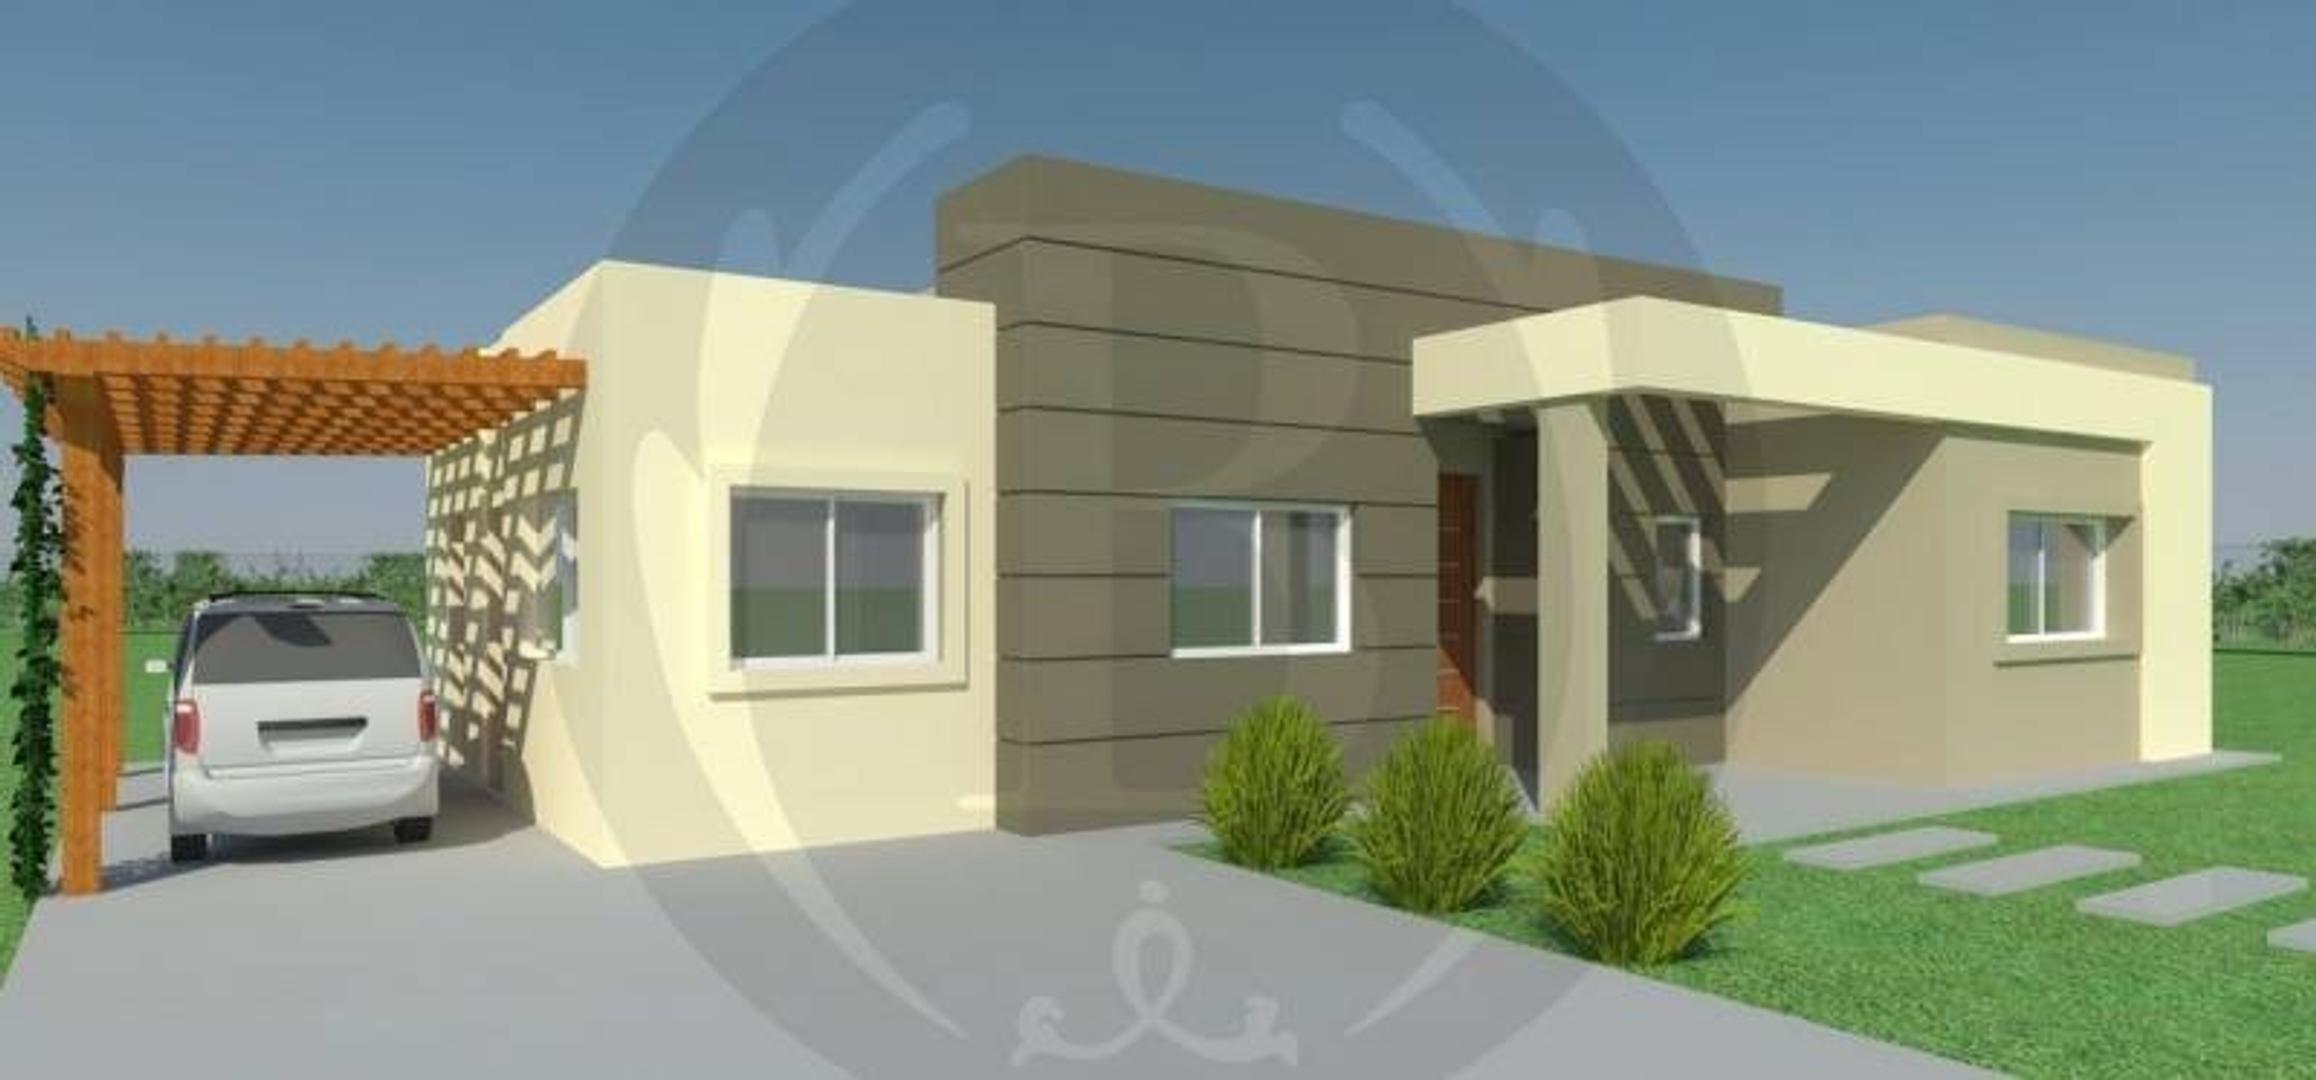 Bustamante Propiedades - Venta Casa en El Cantón